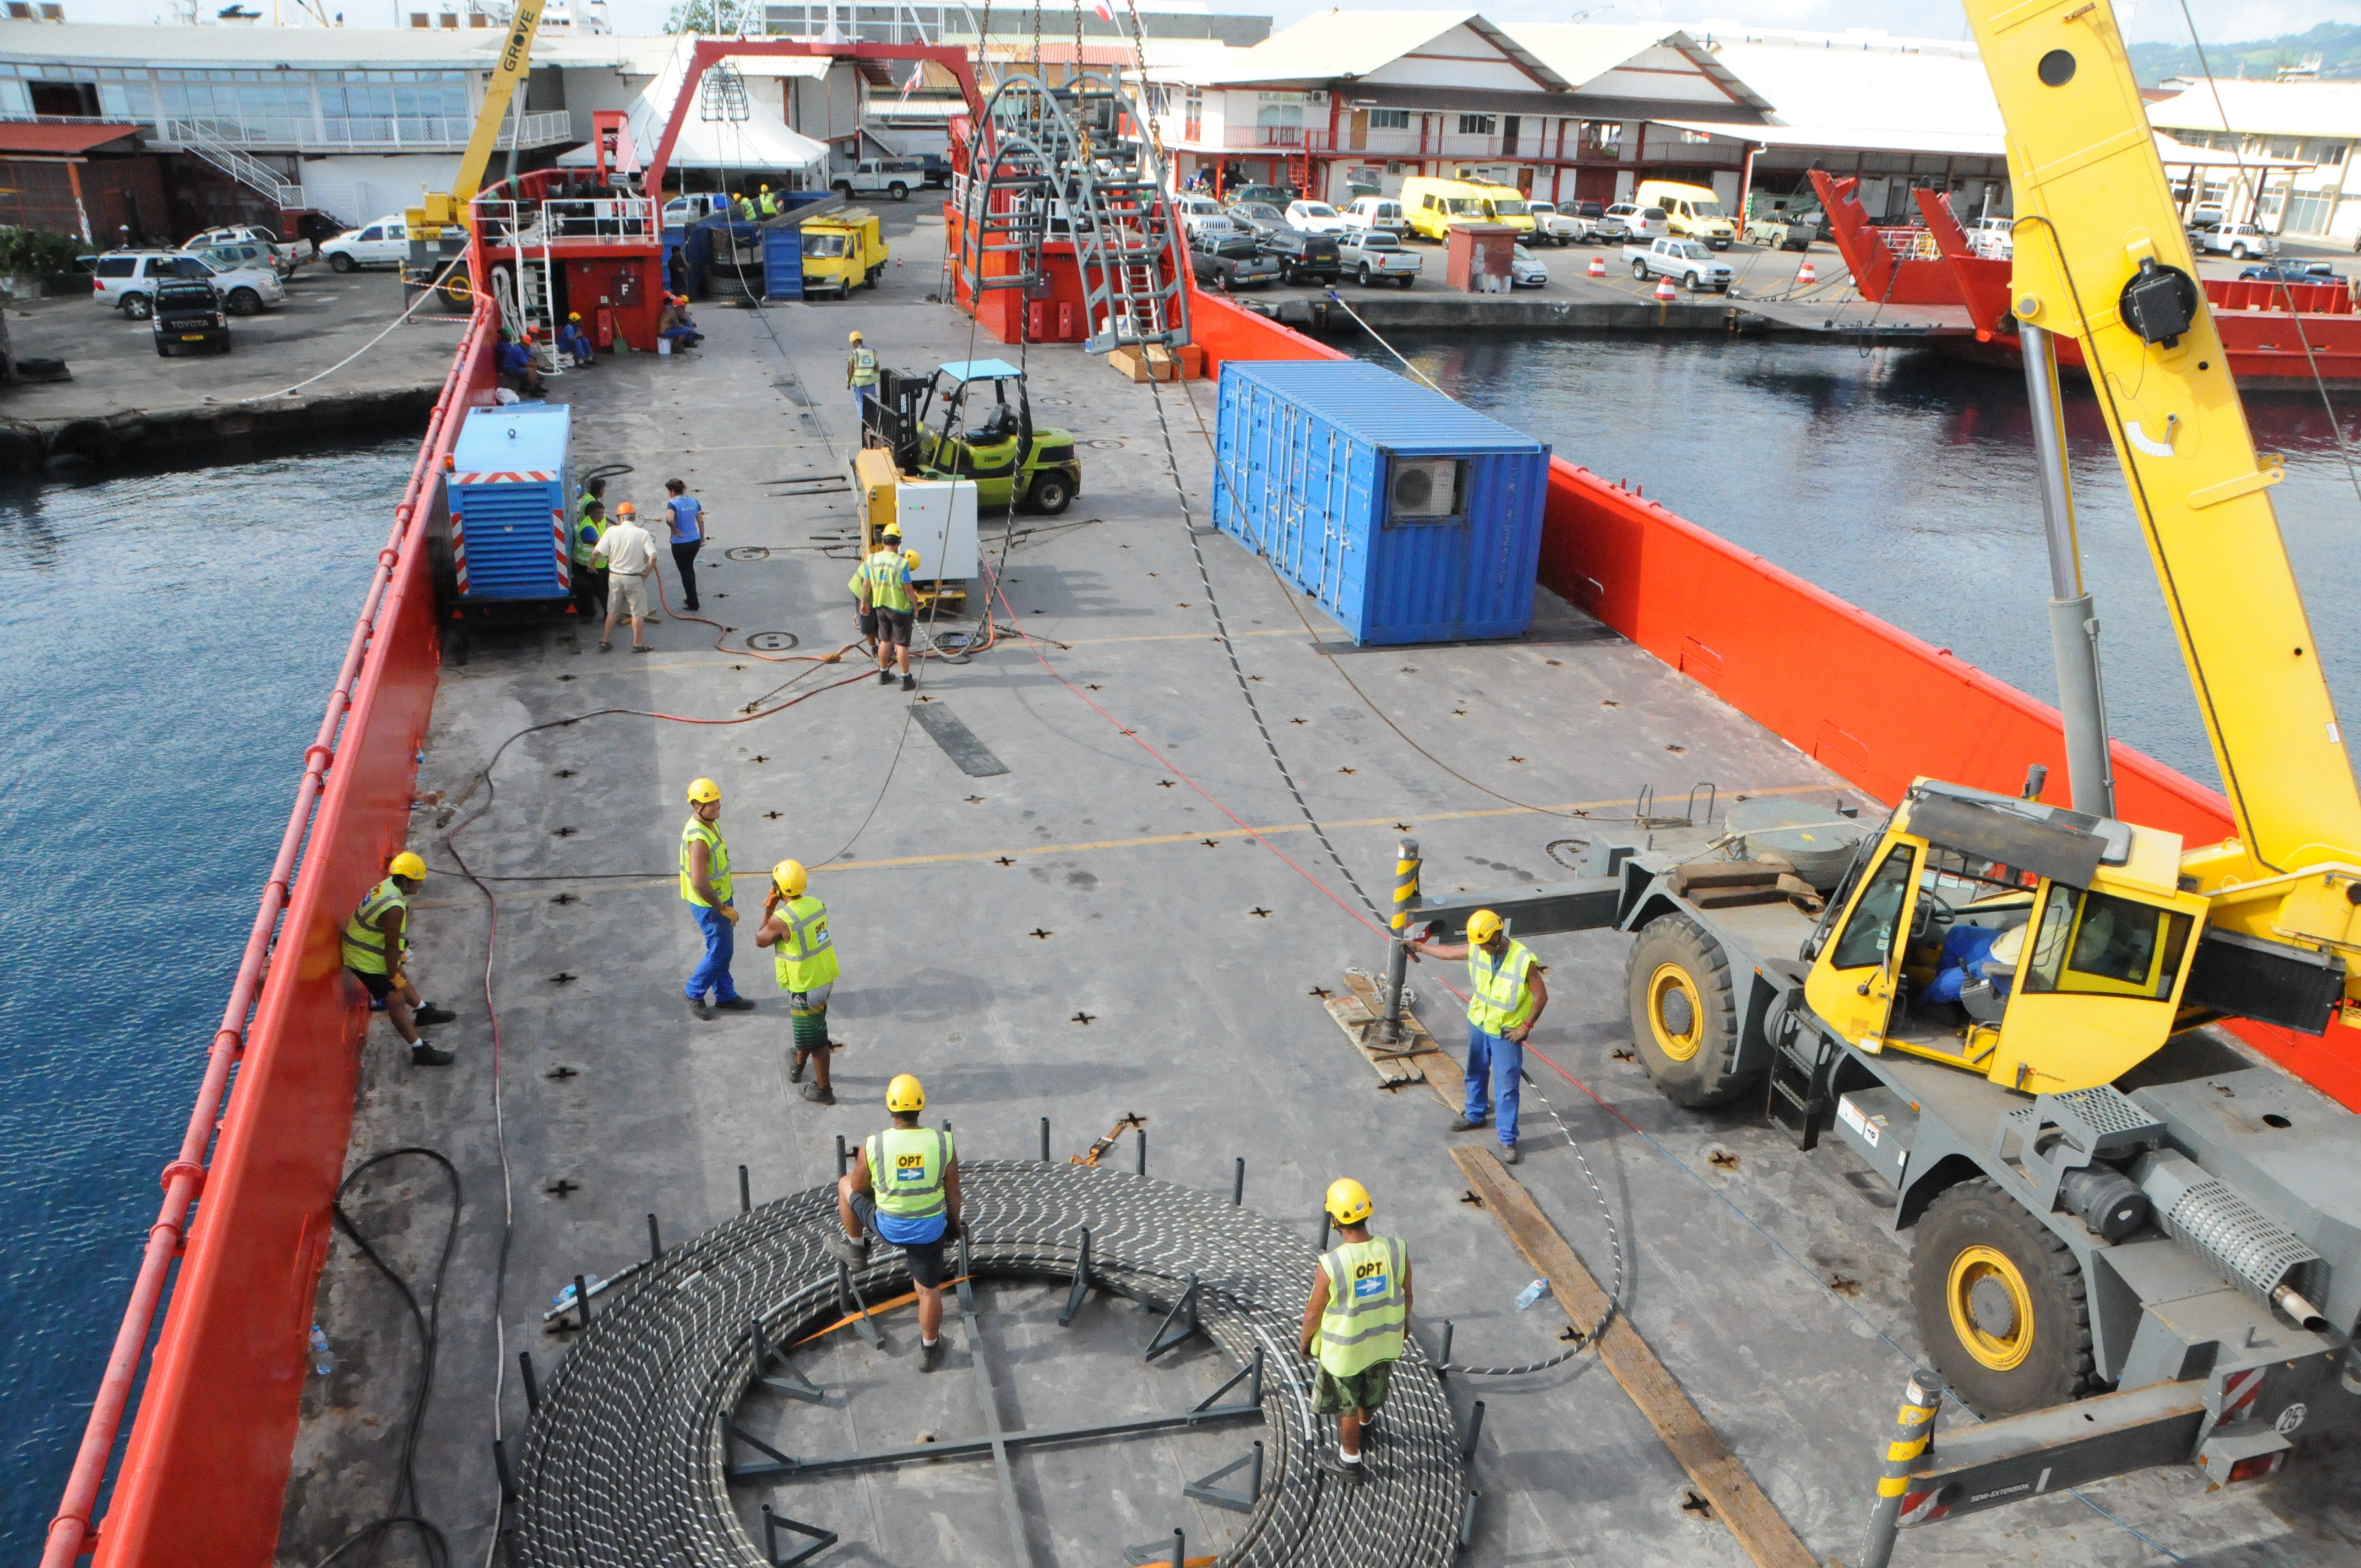 Un câble qui nous relierait au Chili permettrait de remplir immédiatement Honotua avec du trafic venant d'Amérique du Sud, et nous positionnerait immédiatement pour de nouveaux tronçons vers la Chine et le Japon.